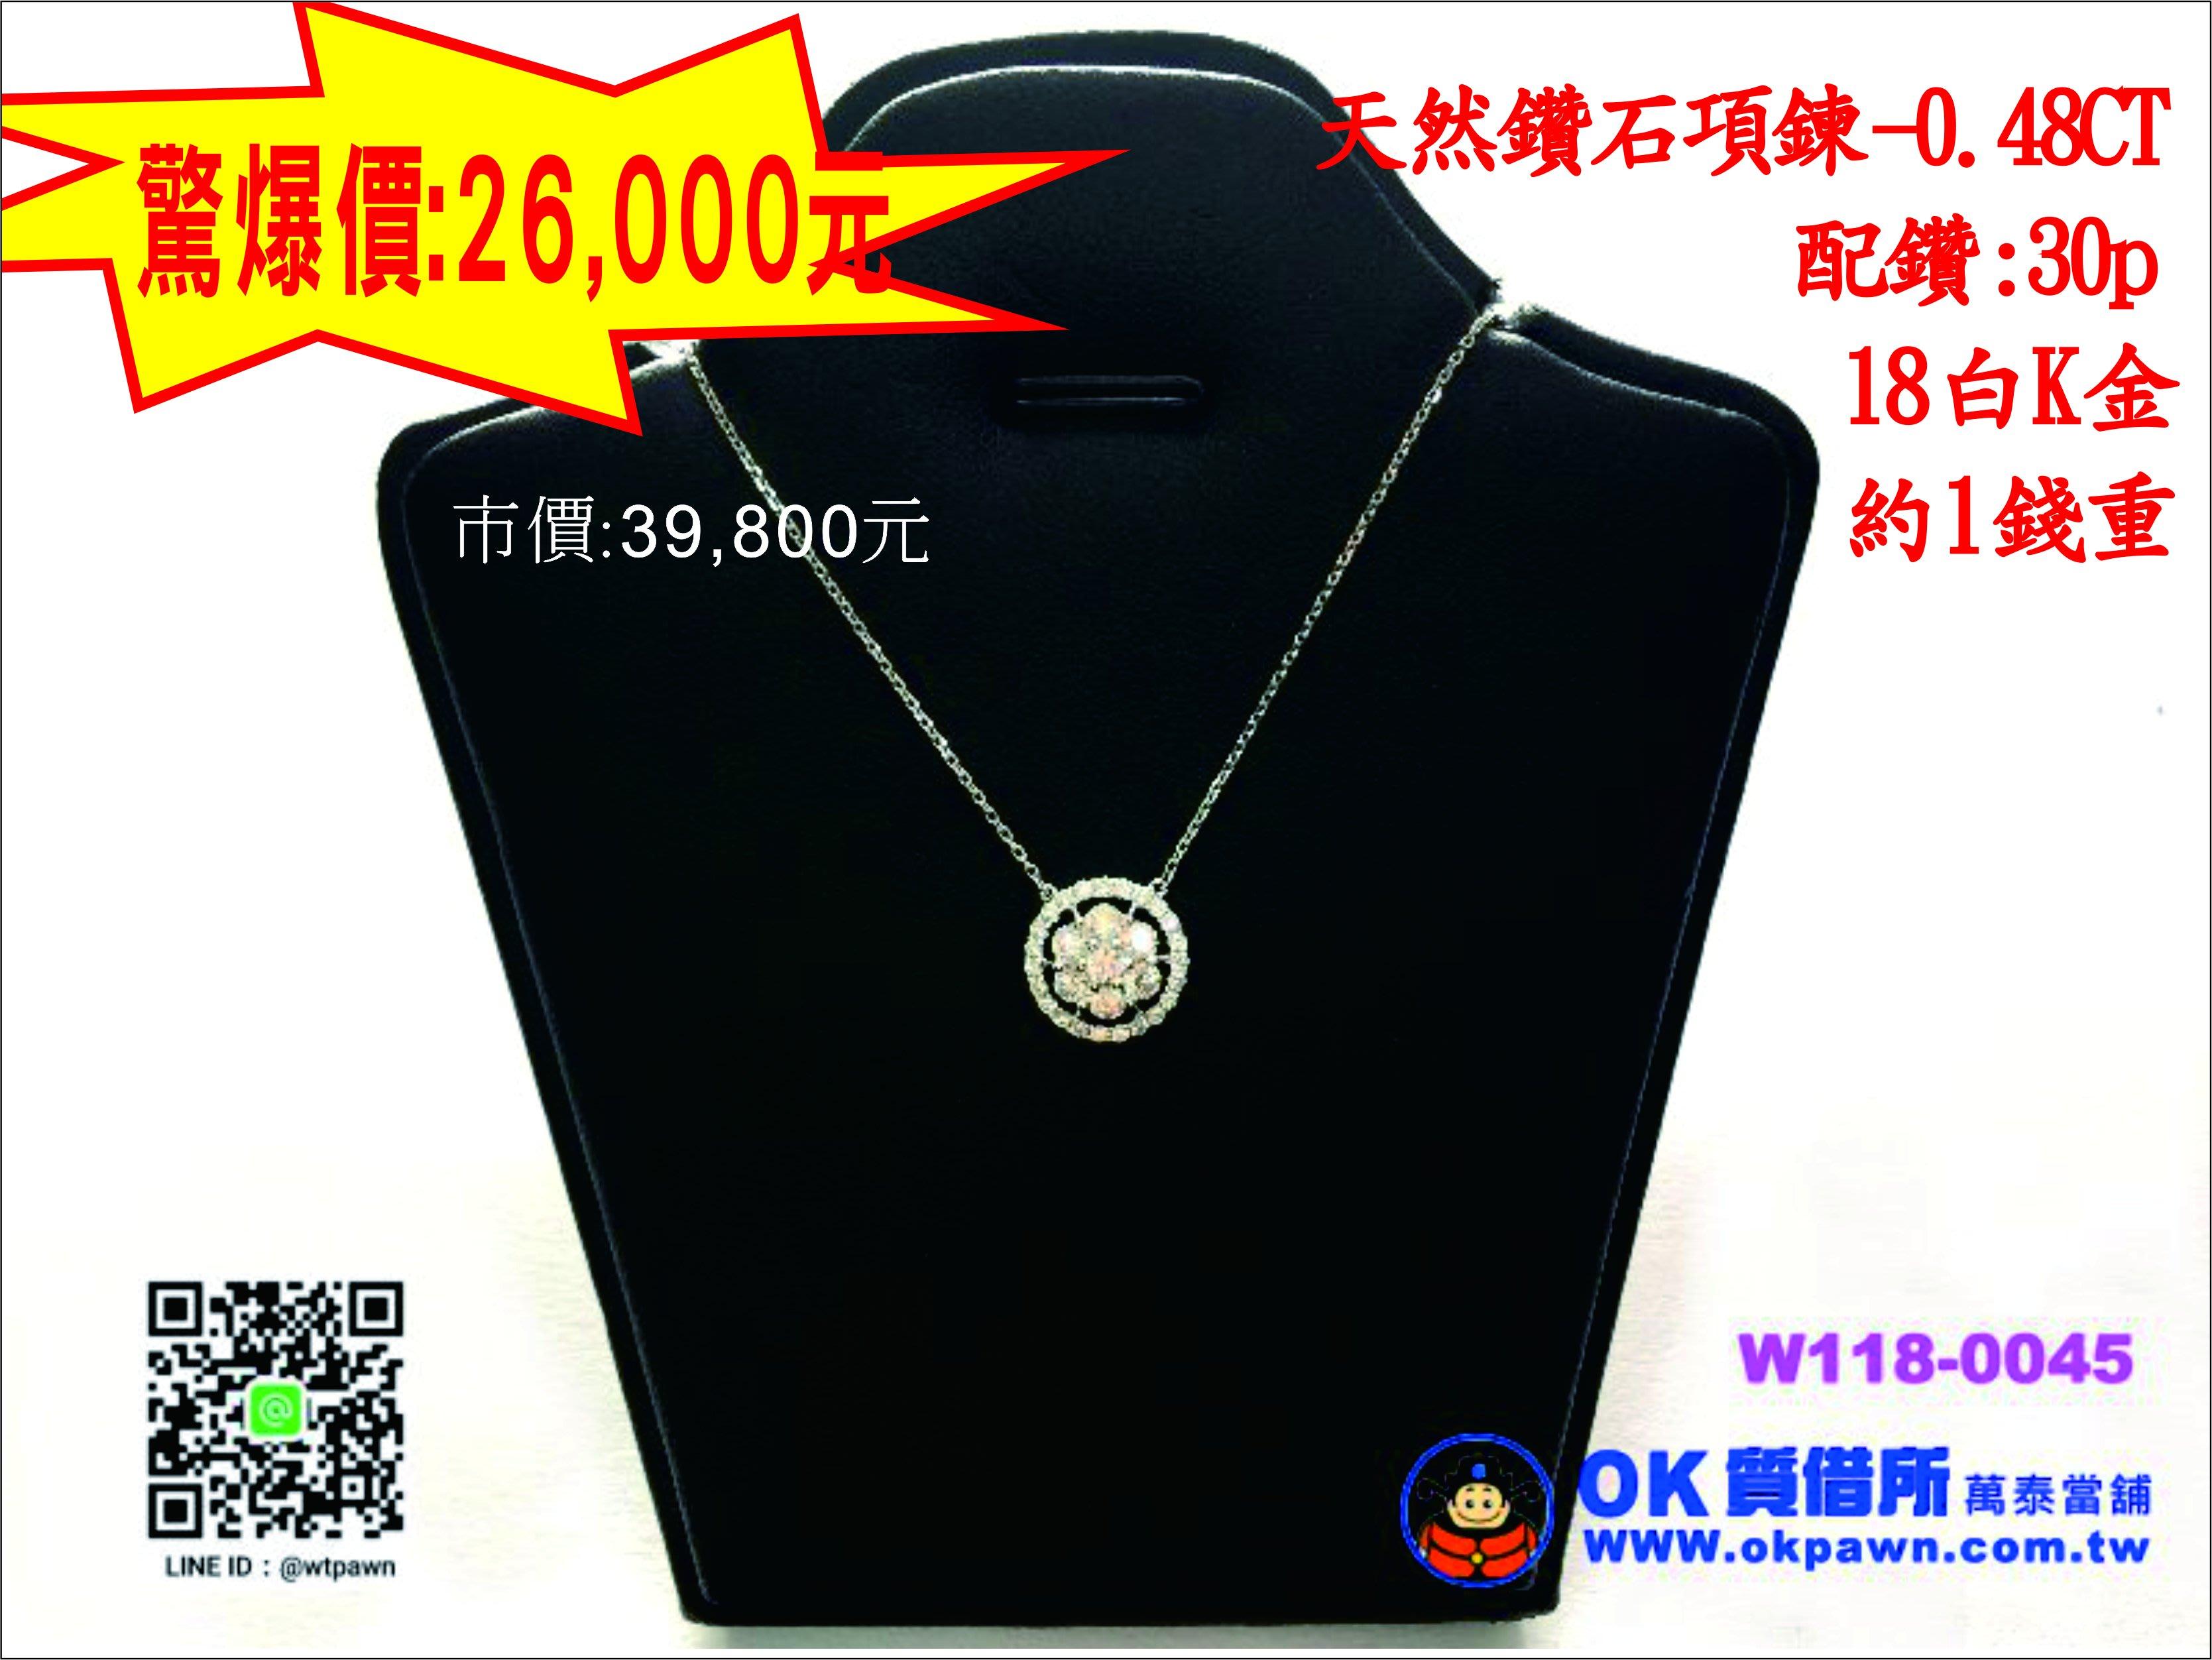 【OK質借所-萬泰當舖】天然鑽石項鍊-0.48CT